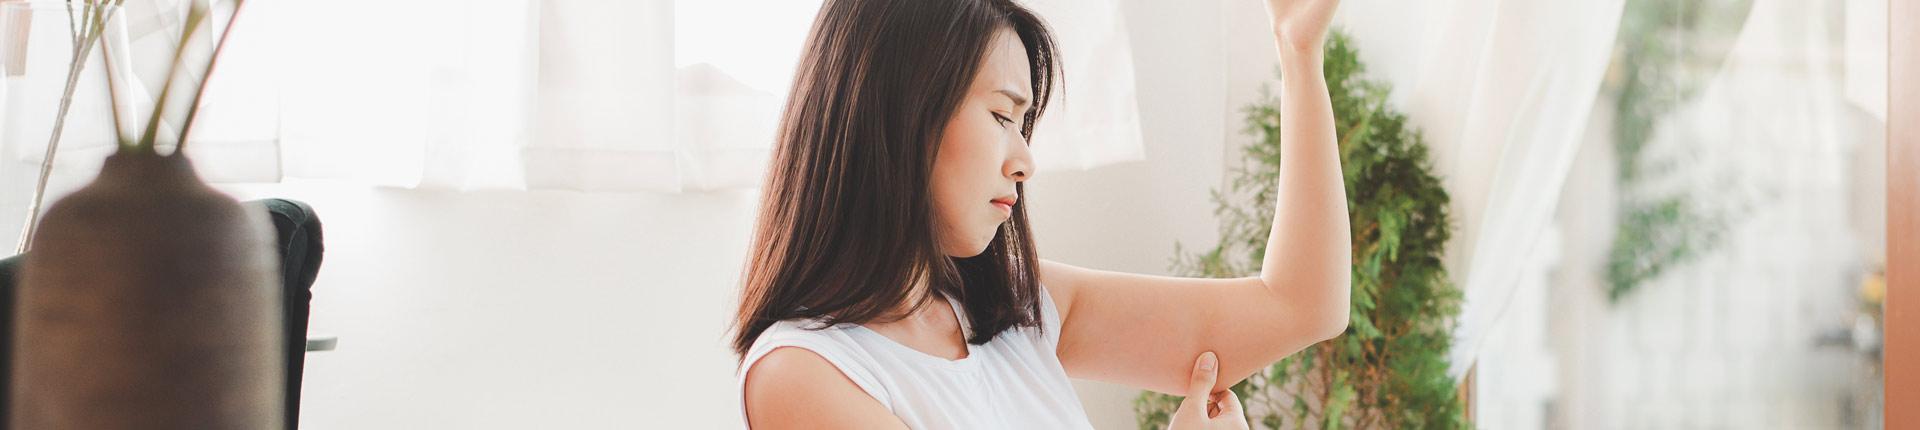 Zastój i brak efektów w odchudzaniu. Czym adaptacja metaboliczna i jak sobie z nią radzić?